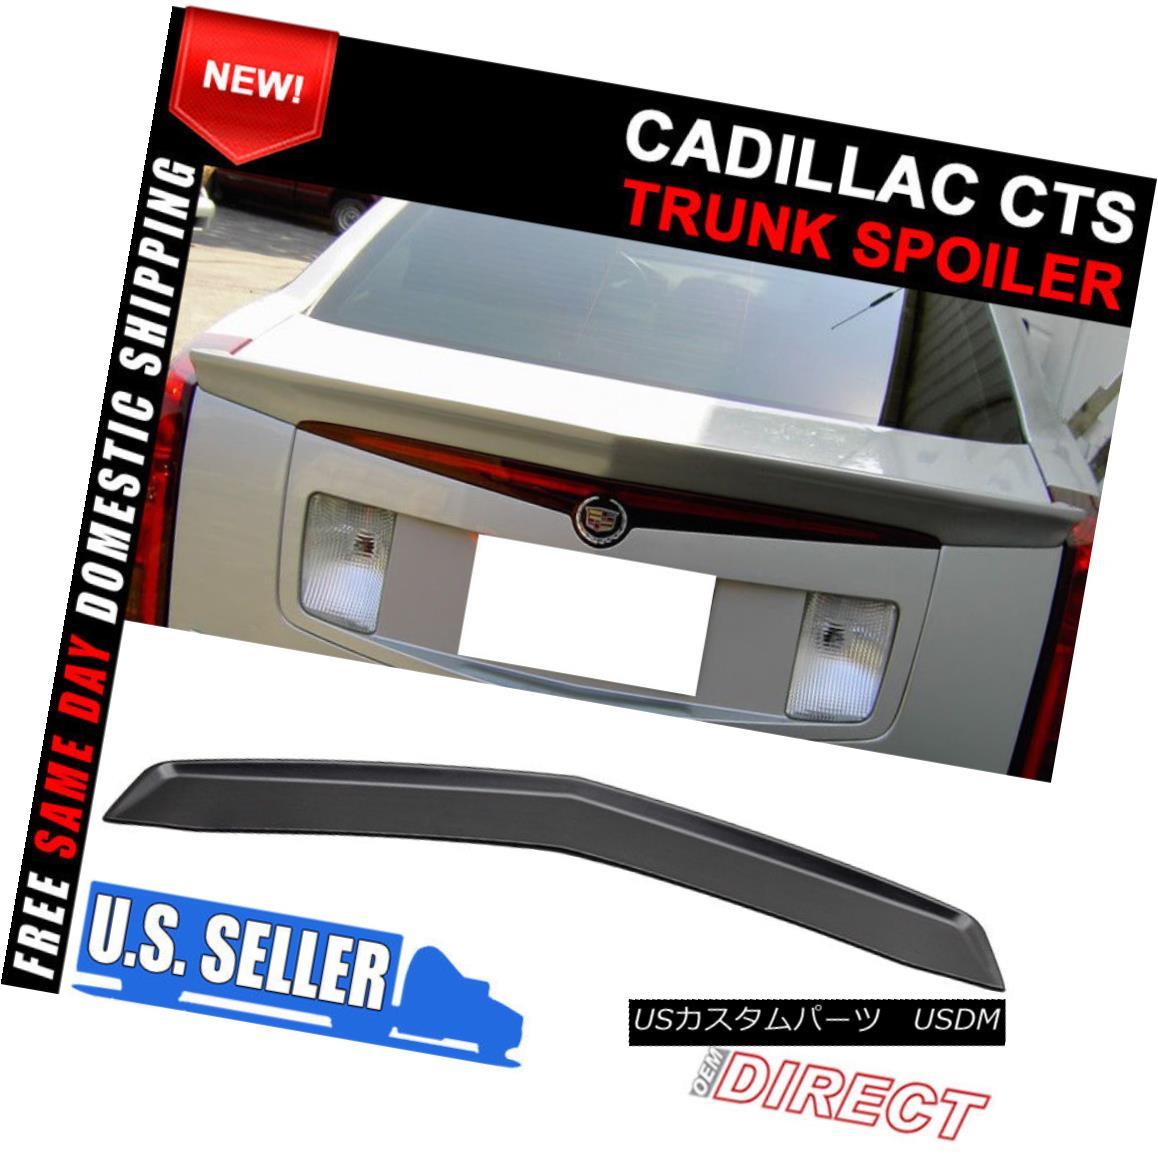 エアロパーツ 03-07 Cadillac CTS Sedan OE Style Rear Trunk Spoiler Unpainted ABS Flush Mount 03-07キャデラックCTSセダンOEスタイルリアトランクスポイラー未塗装ABSフラッシュマウント